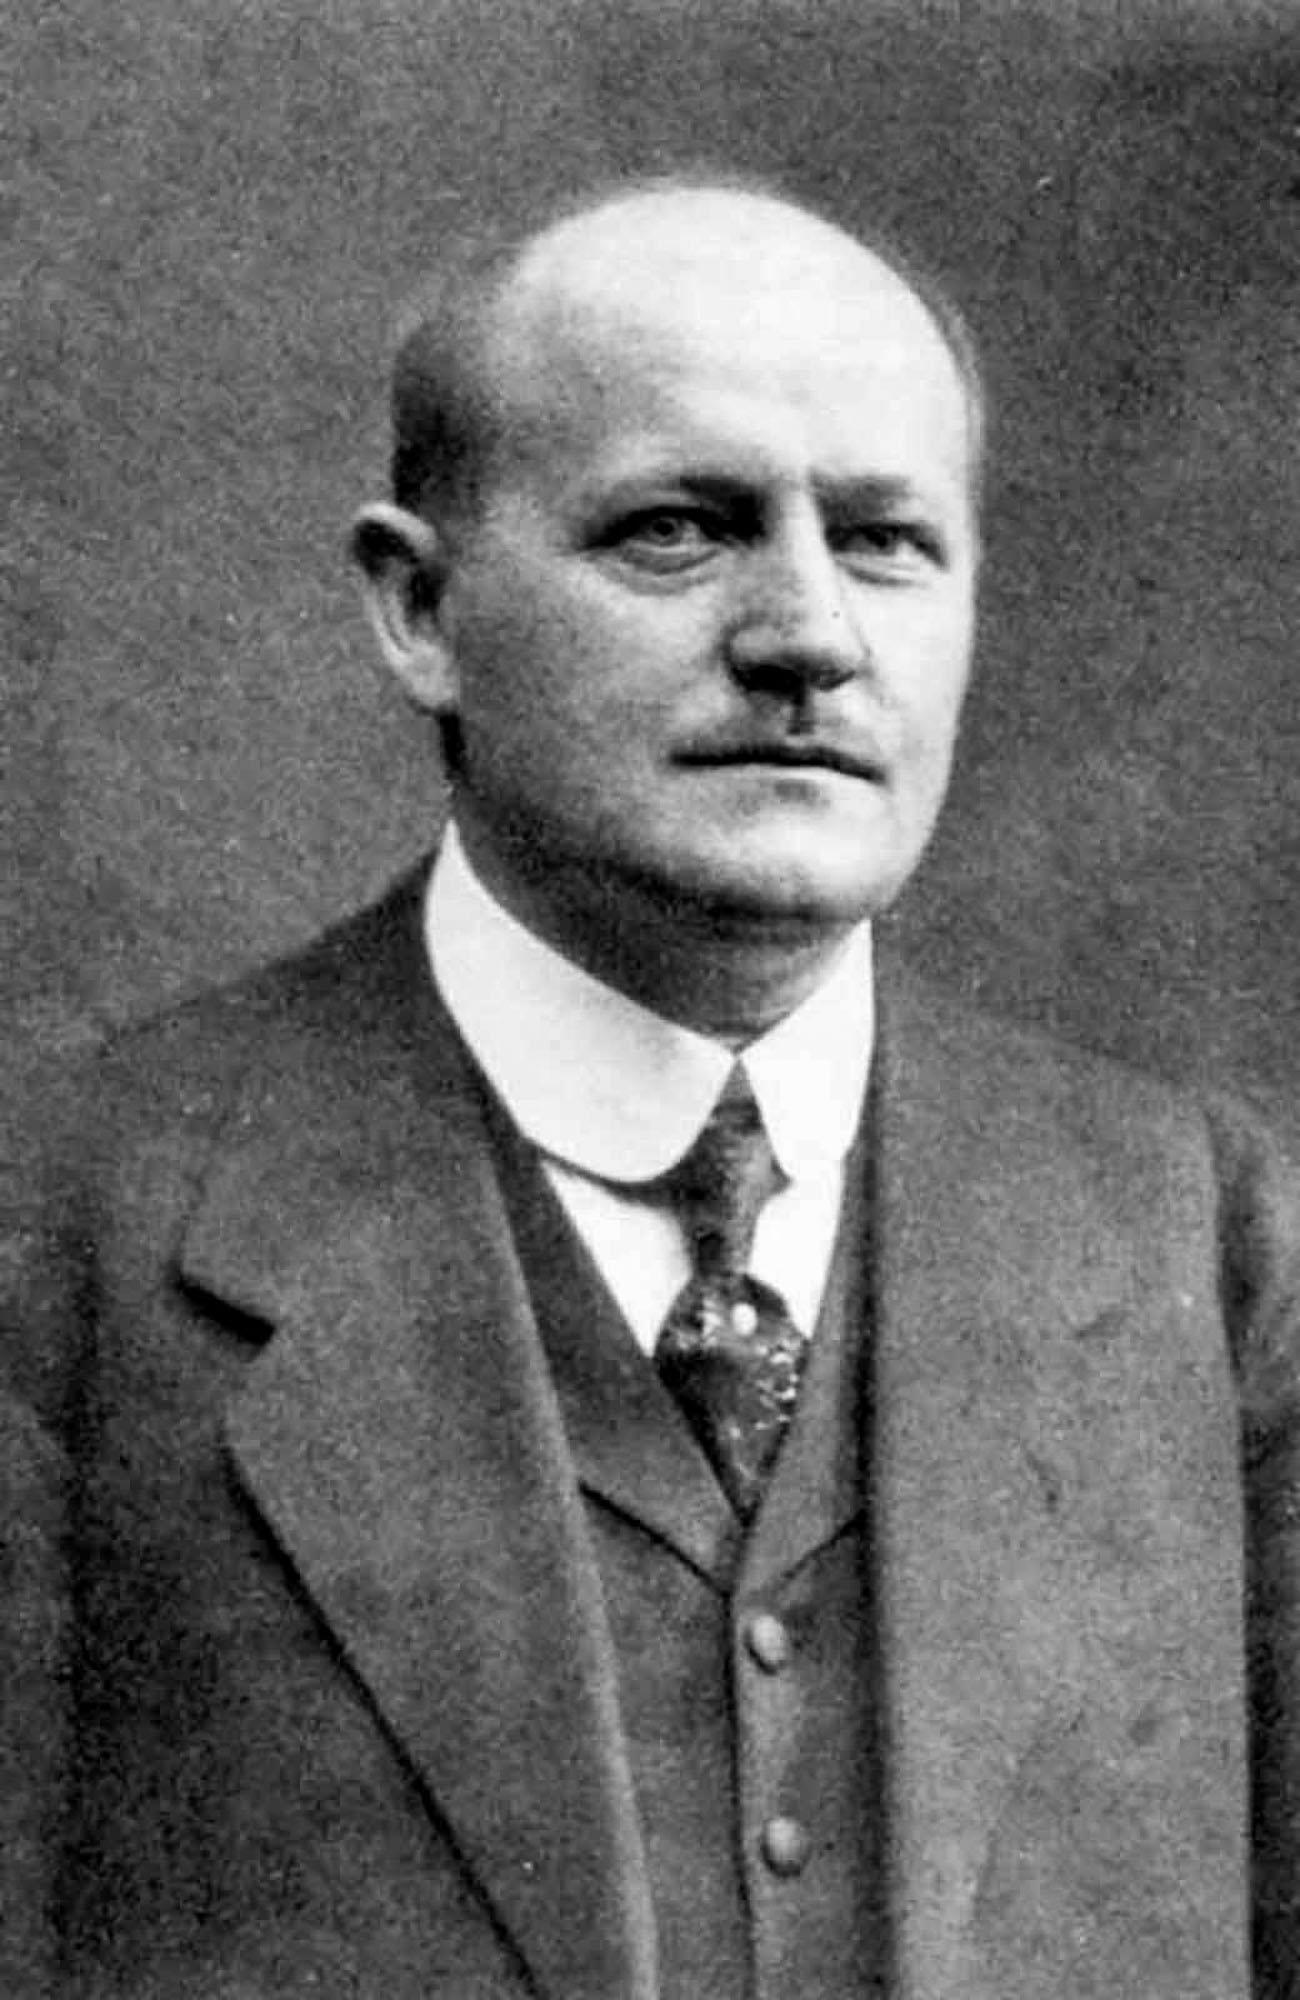 Emil Molt, 1876-1937